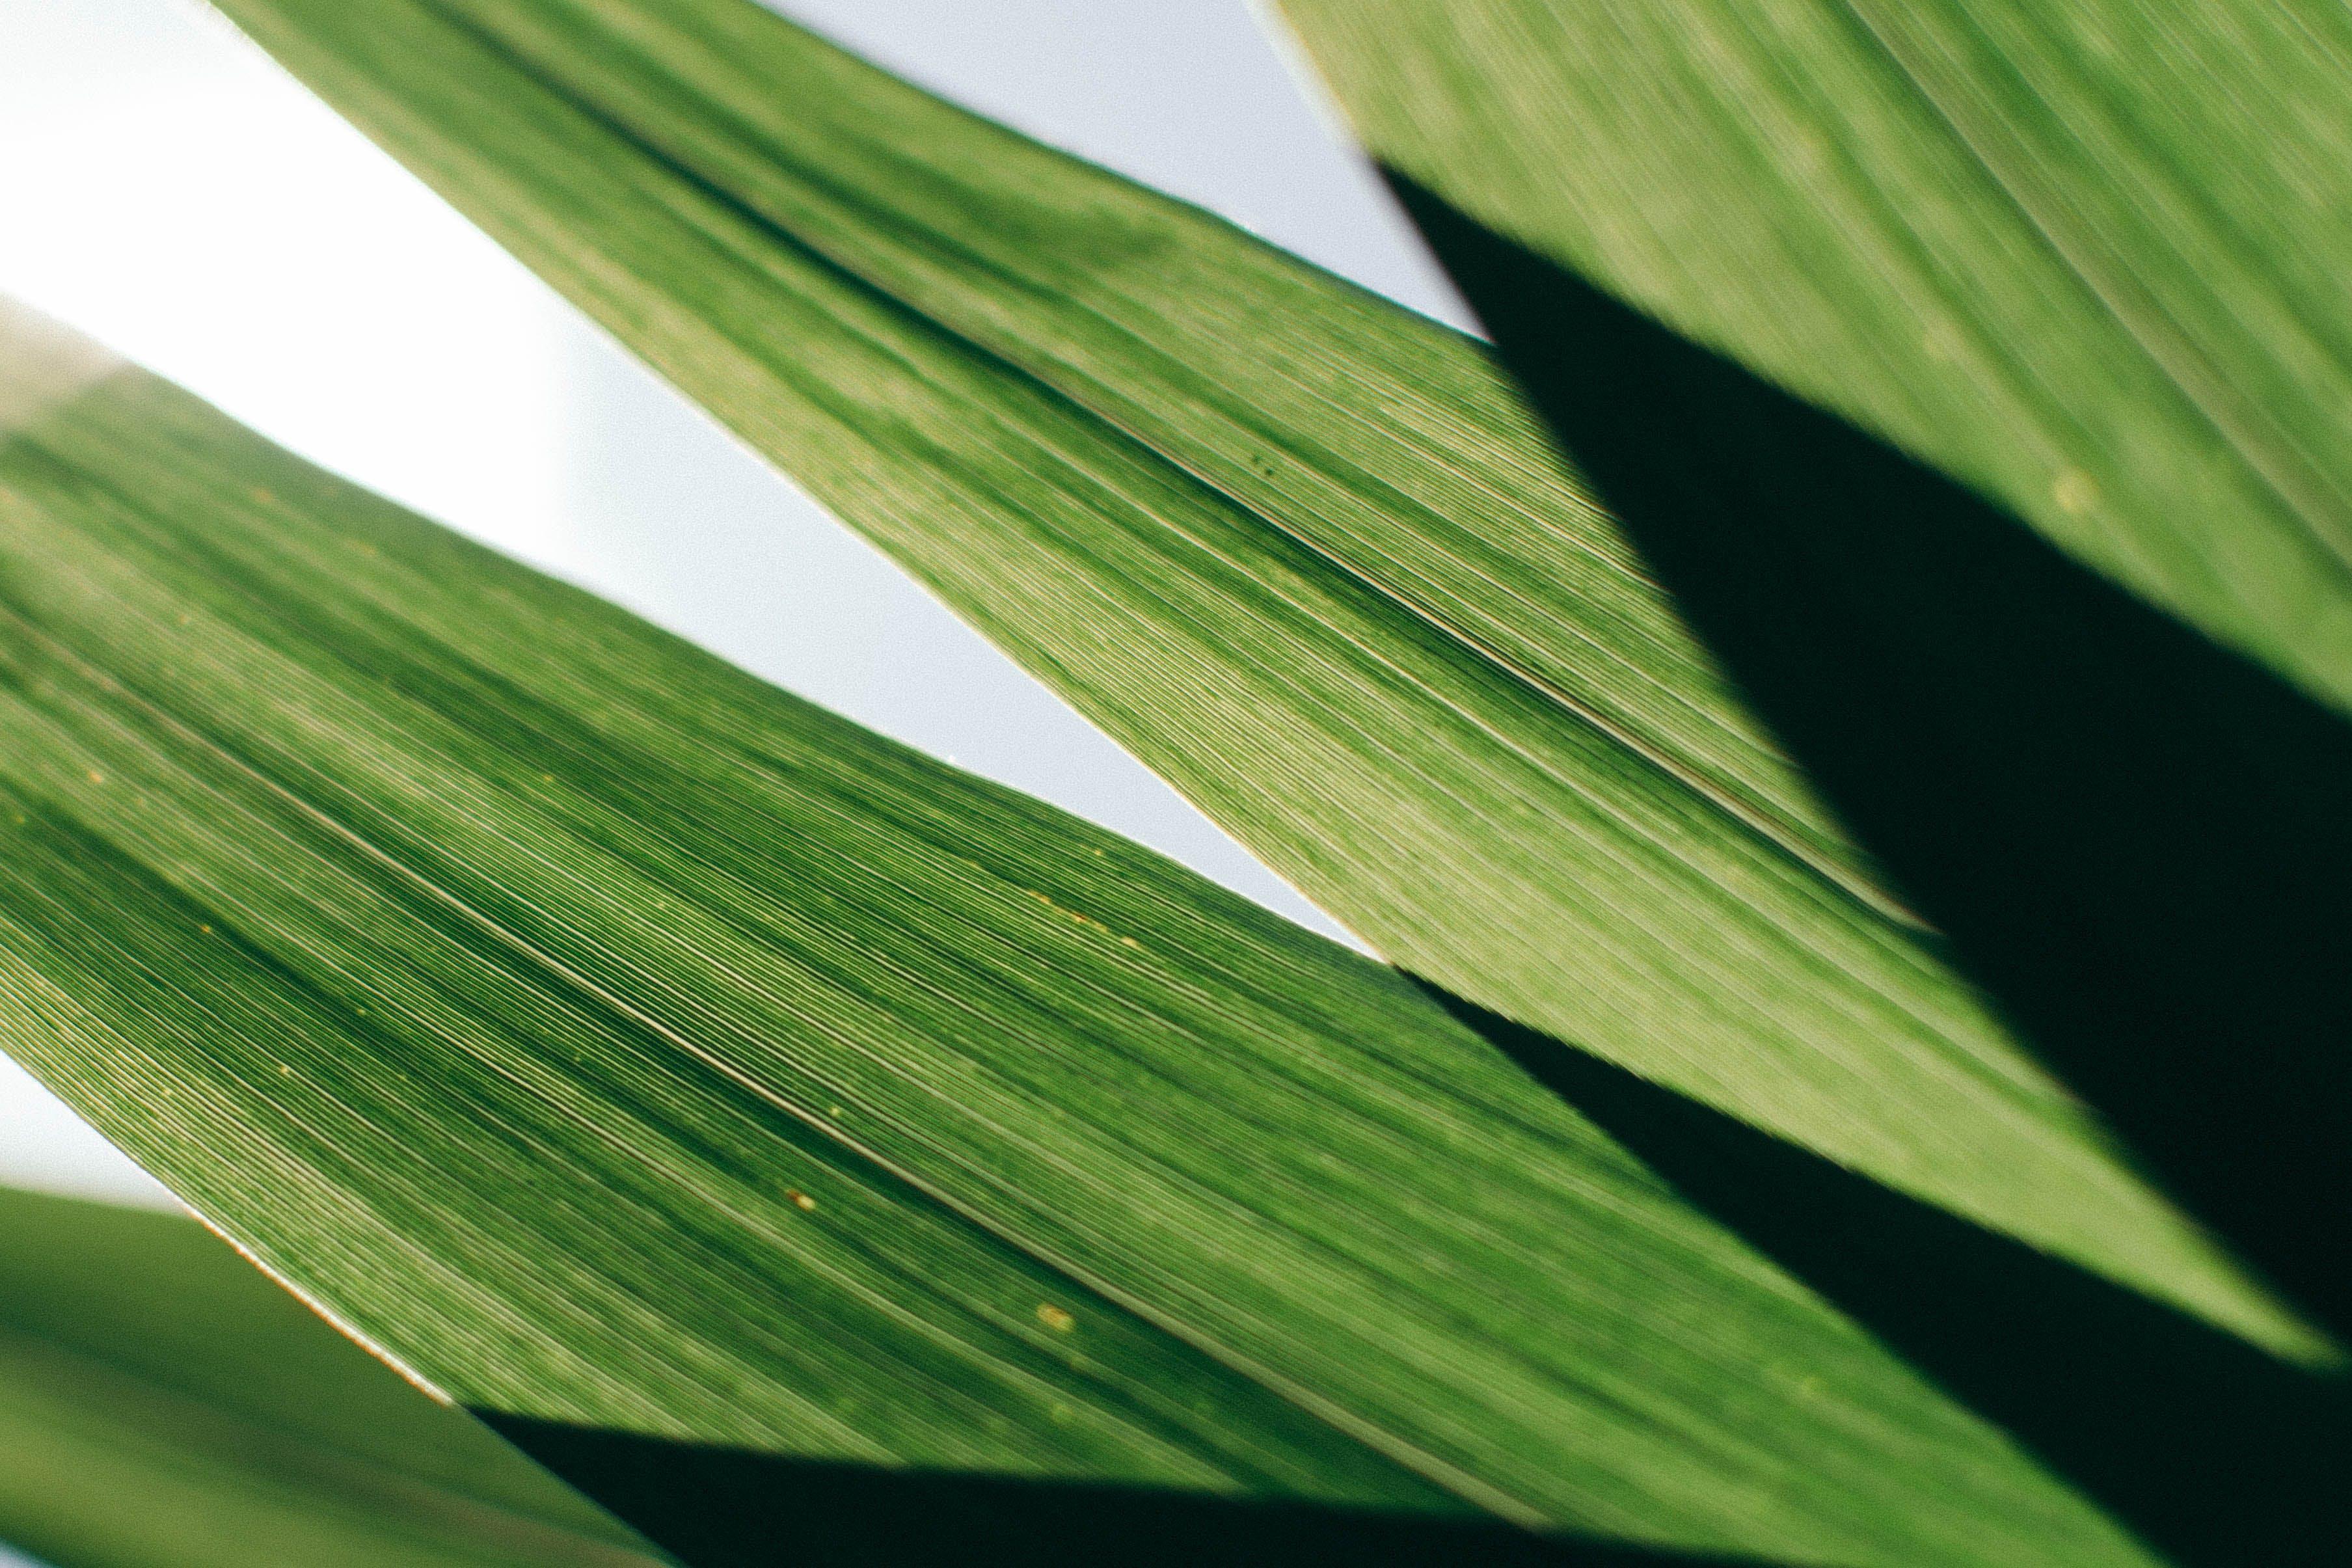 Kostenloses Stock Foto zu grün, nahansicht, pflanze, wachstum